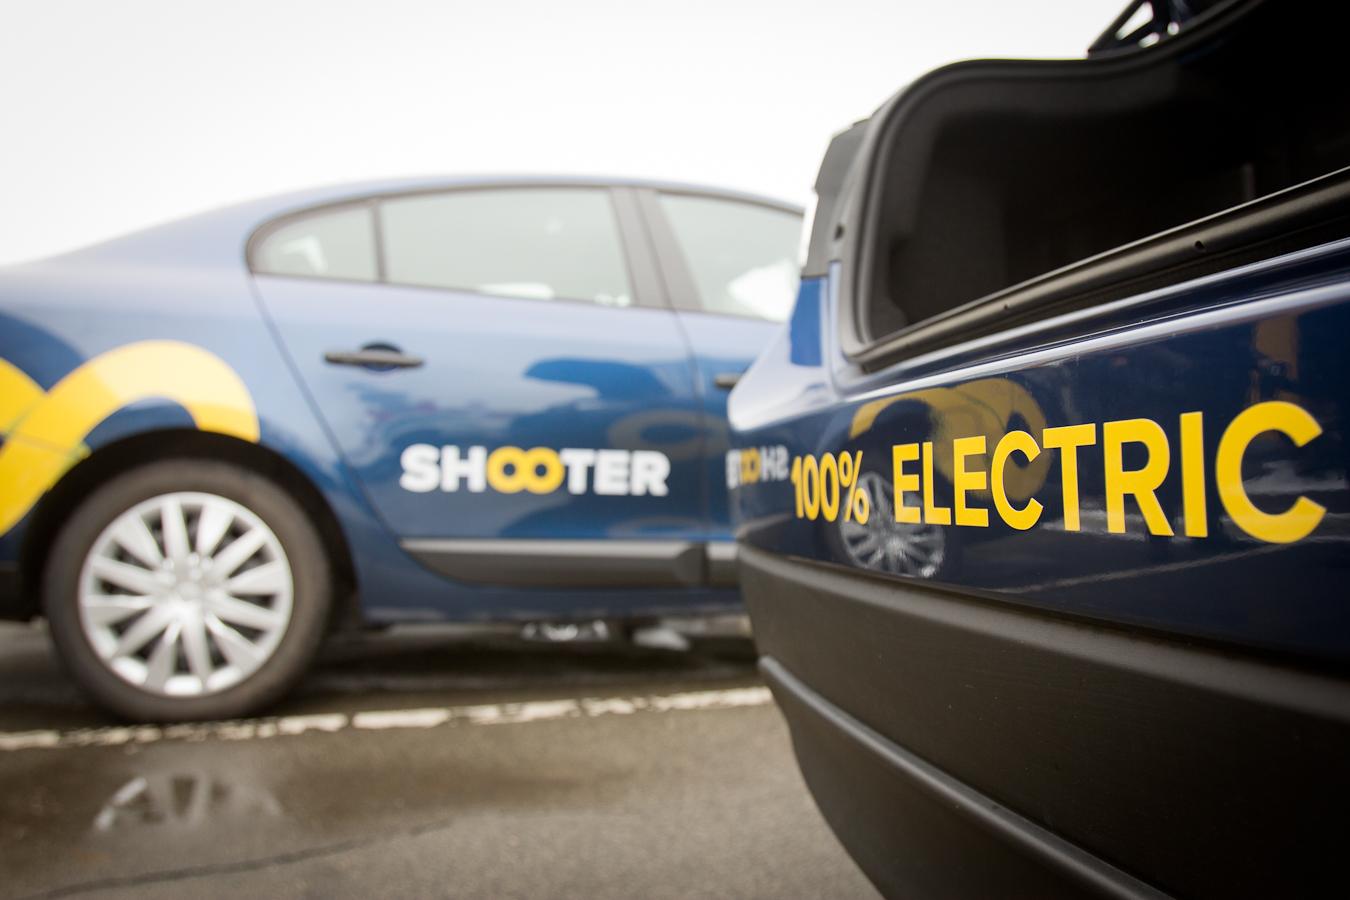 В Киеве состоялась презентация электромобилей-такси. Фото: Татьяна Довгань